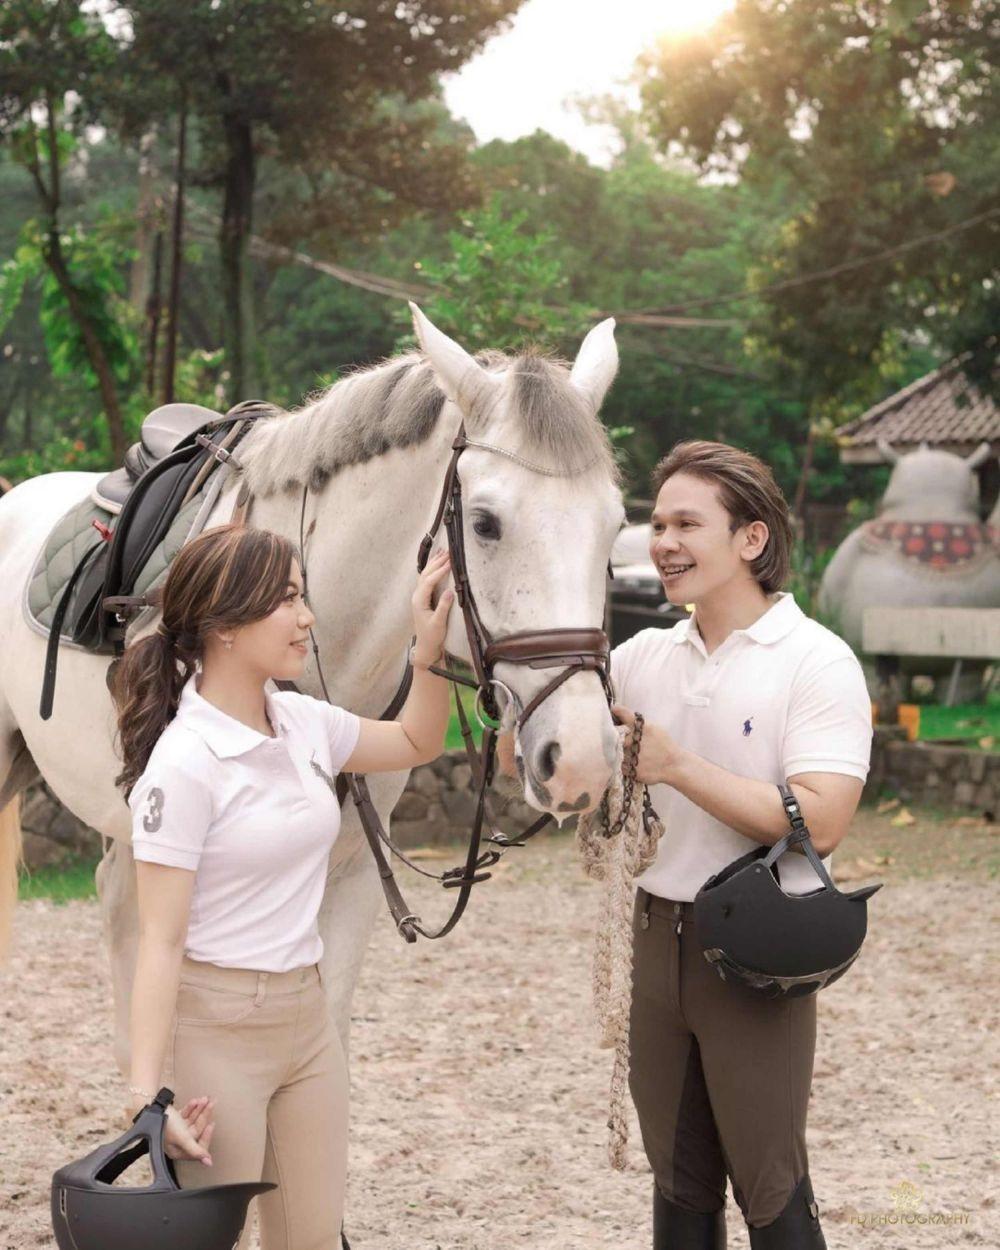 10 Pemotretan Jordi Onsu dan Frislly Herlind di Pacuan Kuda